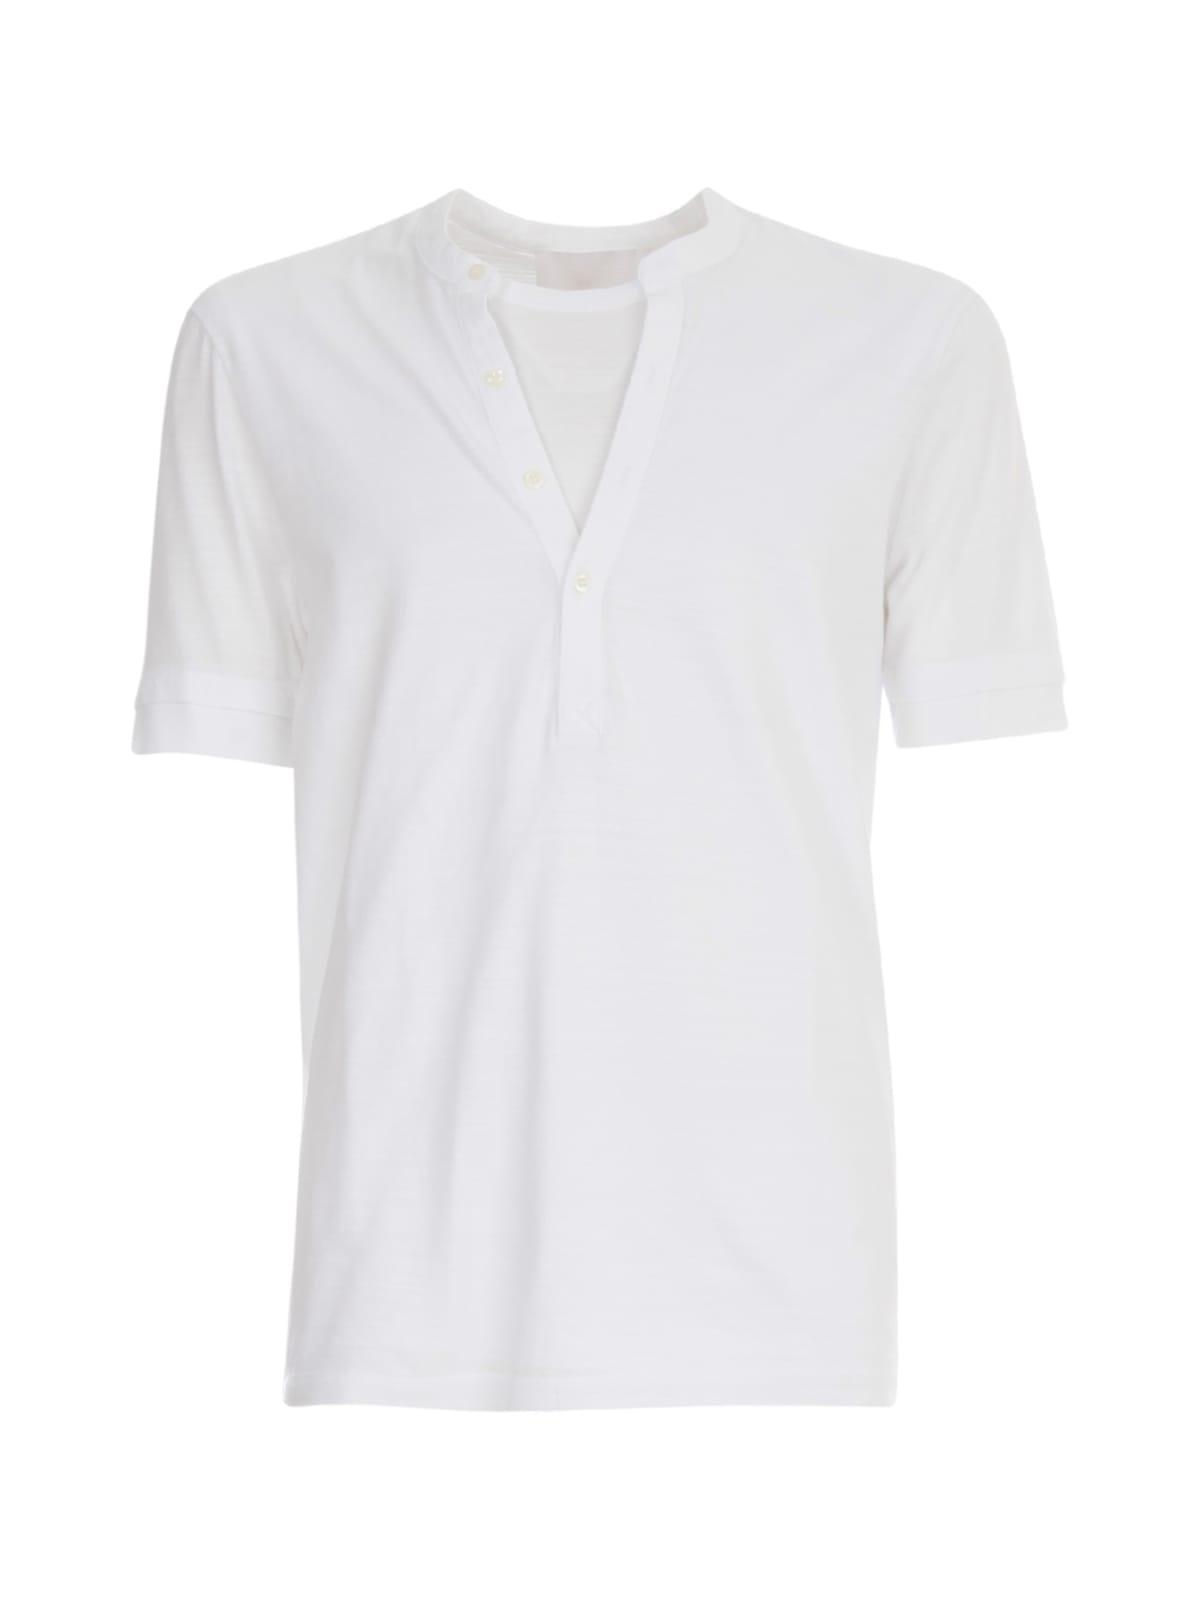 Neil Barrett Travel Hybrid Henley T-shirt